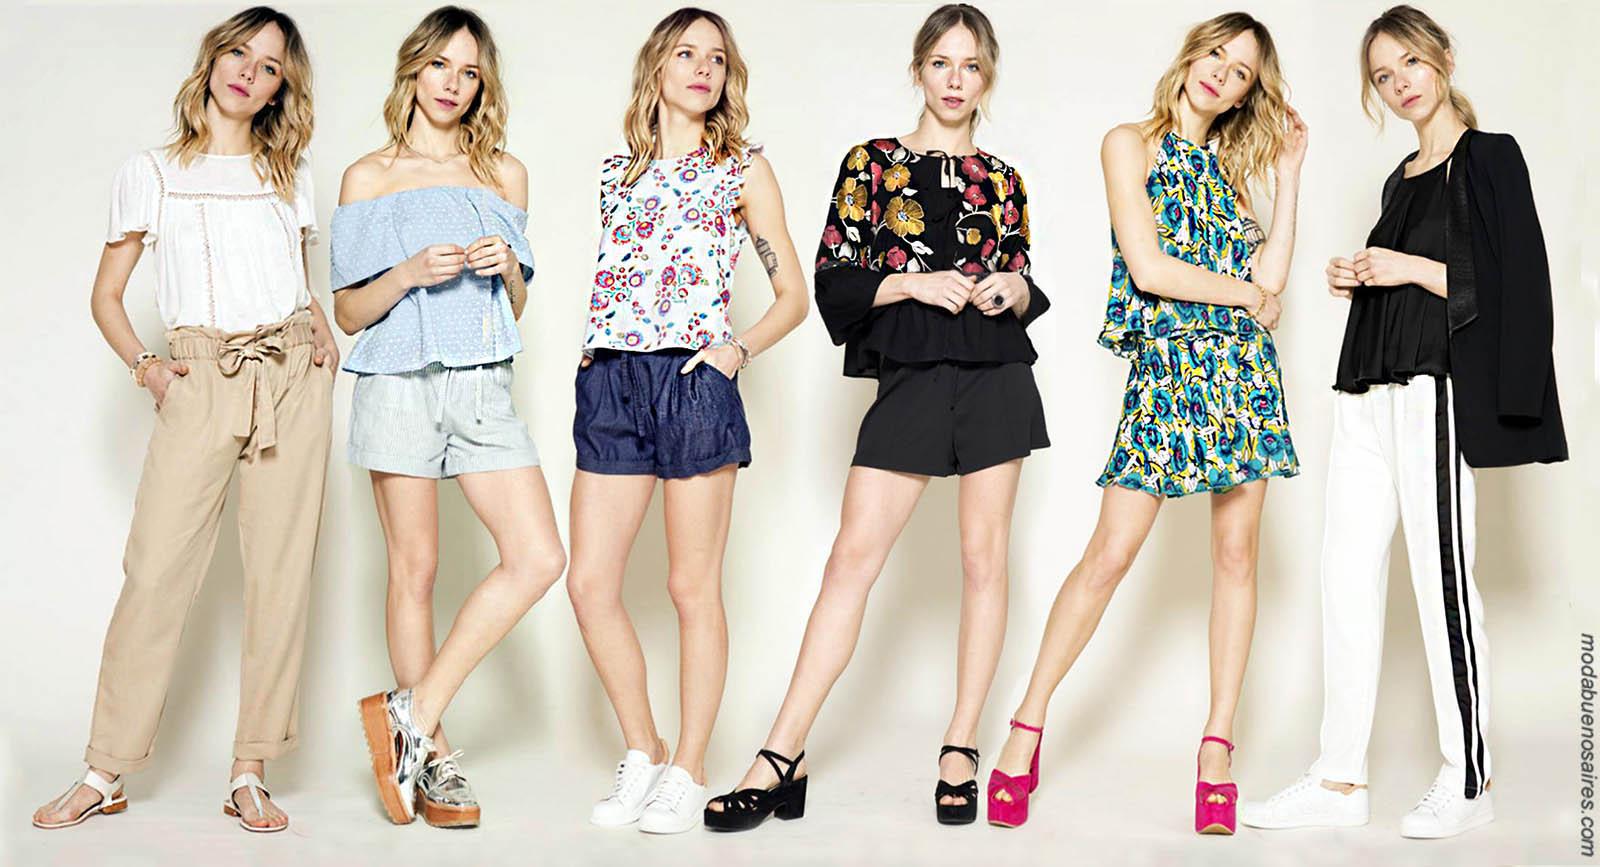 Noticas textiles moda fashion primavera verano 2018 portal avellaneda - Colores moda primavera verano 2017 ...